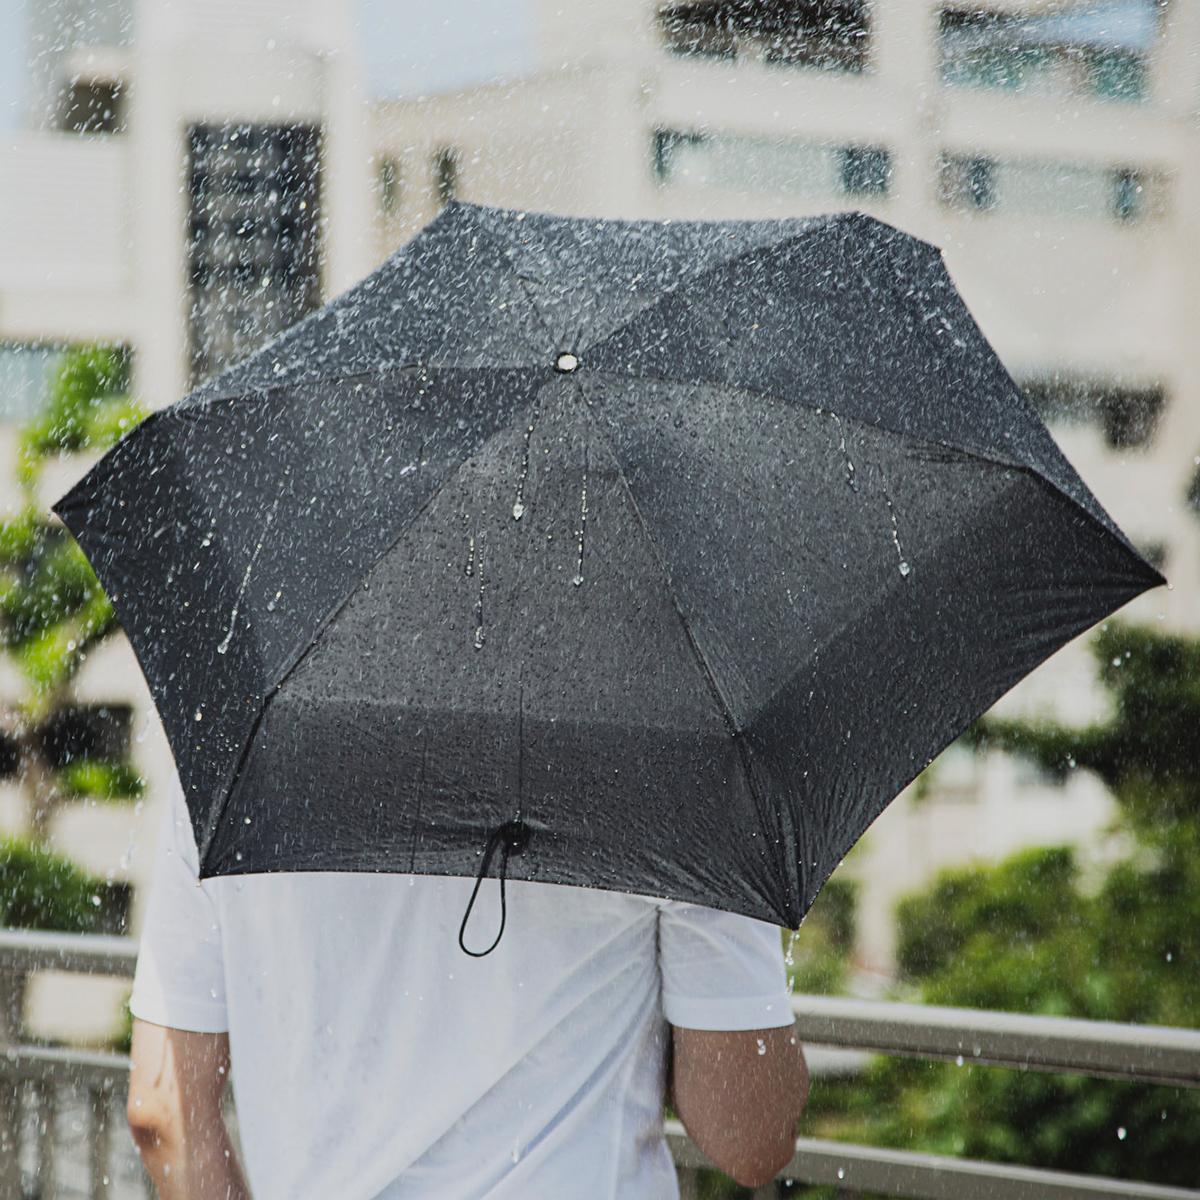 ただ小さいだけではない、心軽やかにする実用性と安心して使える構造。雨の日だけではなく、晴れの日の人と傘との関係を考え続けた設計は、長年培った技術によって実現した「マイクロ傘」|スギタ